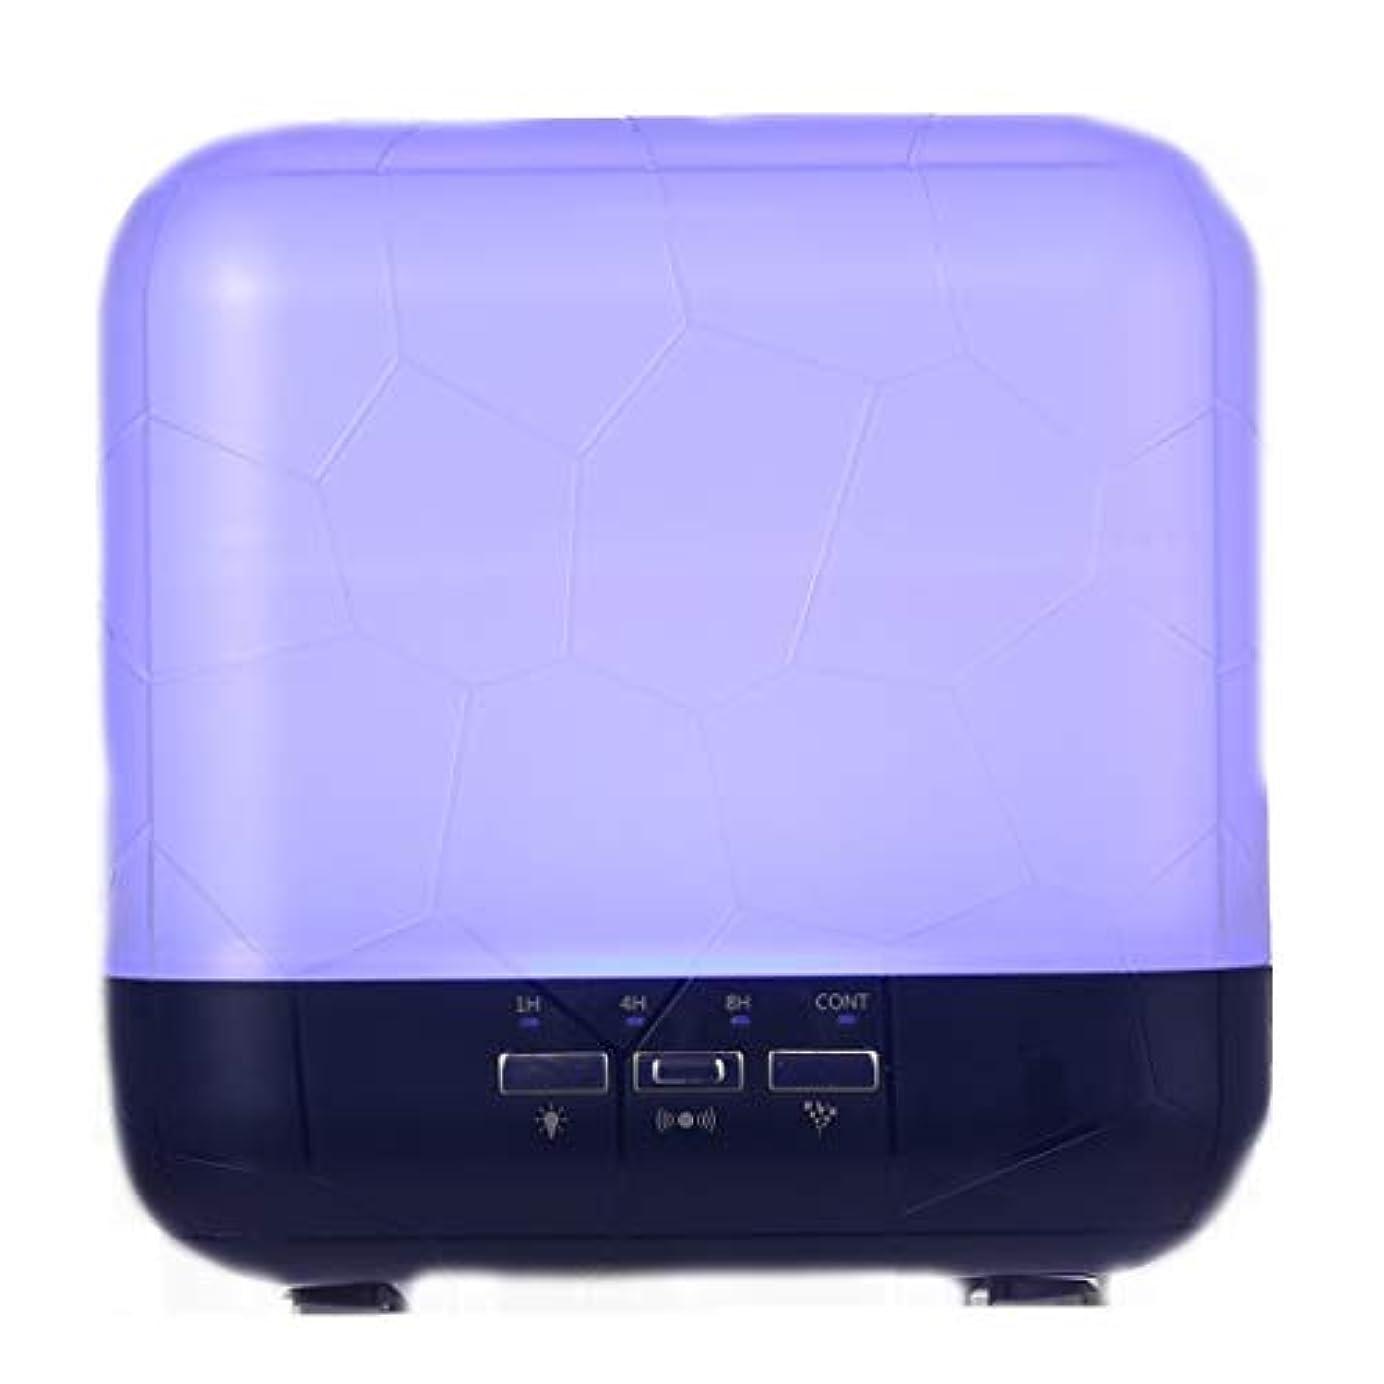 震える鳴らす風拡散器、調節可能なミストモード、寝室/オフィス/旅行のためのアロマセラピー機械を離れた自動のHomeweeks 1000ml多彩な精油の拡散器 (Color : Purple)